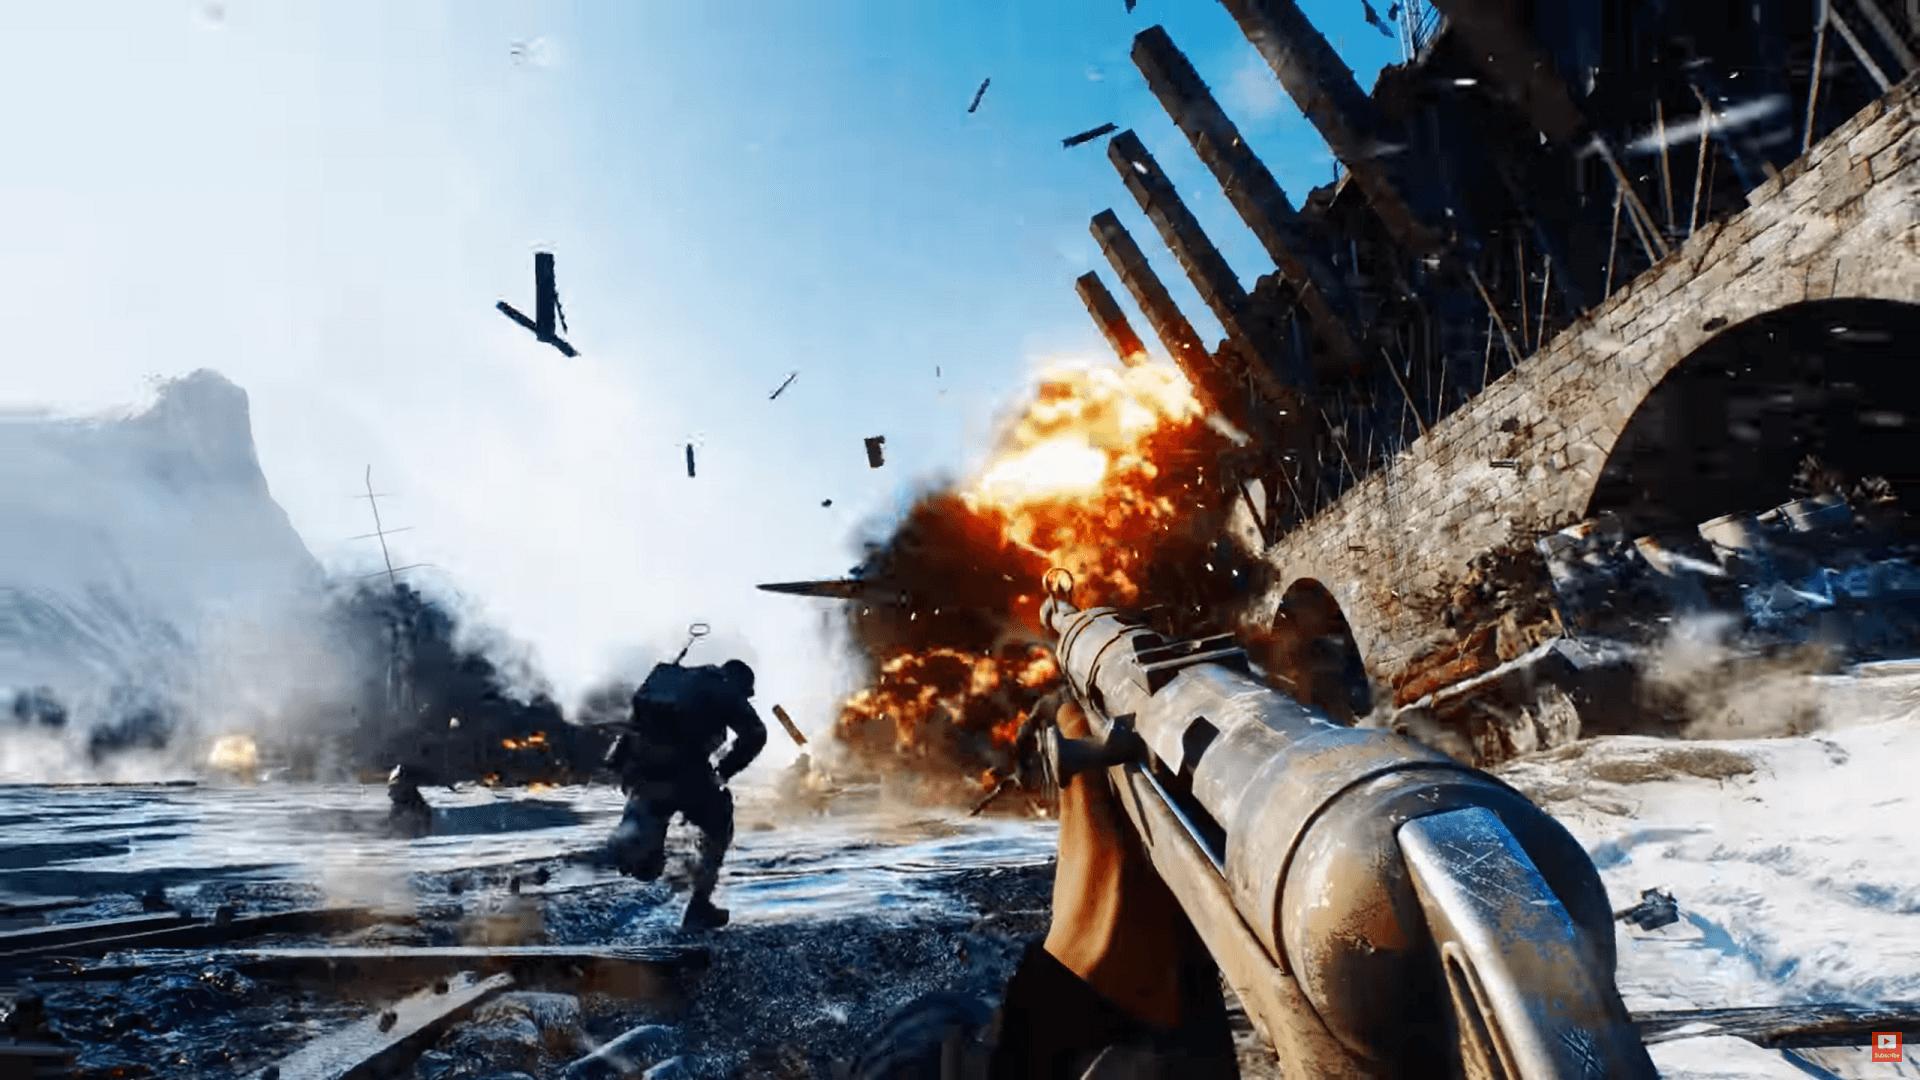 Battlefield 5: Panzerstorm gratis y primeras fechas del capítulo de Tides of War